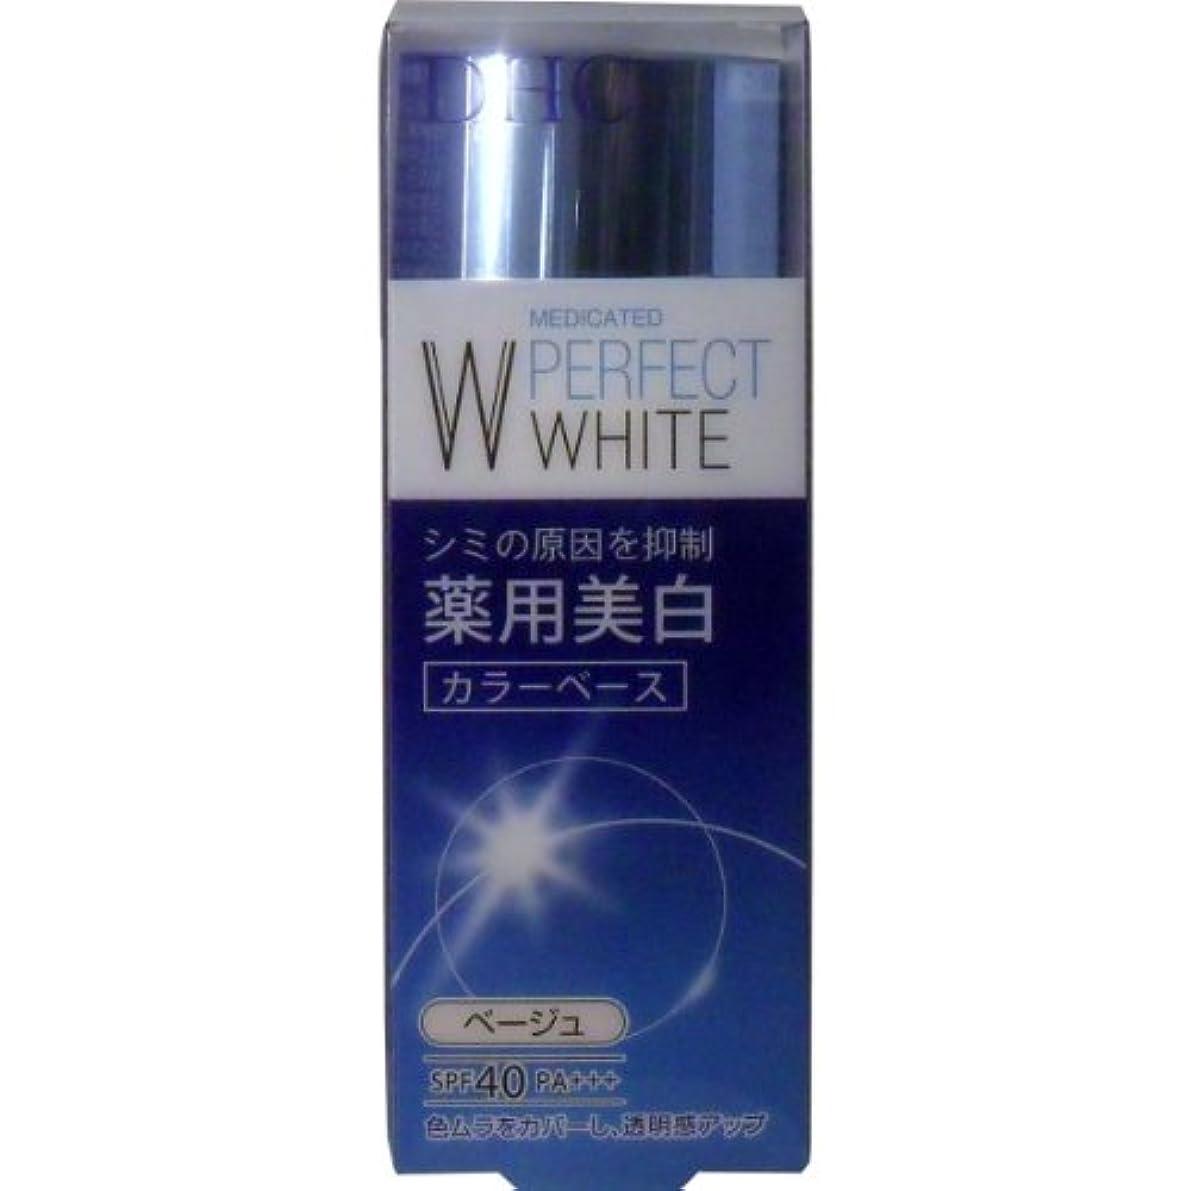 件名海外で縮約DHC 薬用美白パーフェクトホワイト カラーベース ベージュ 30g (商品内訳:単品1個)